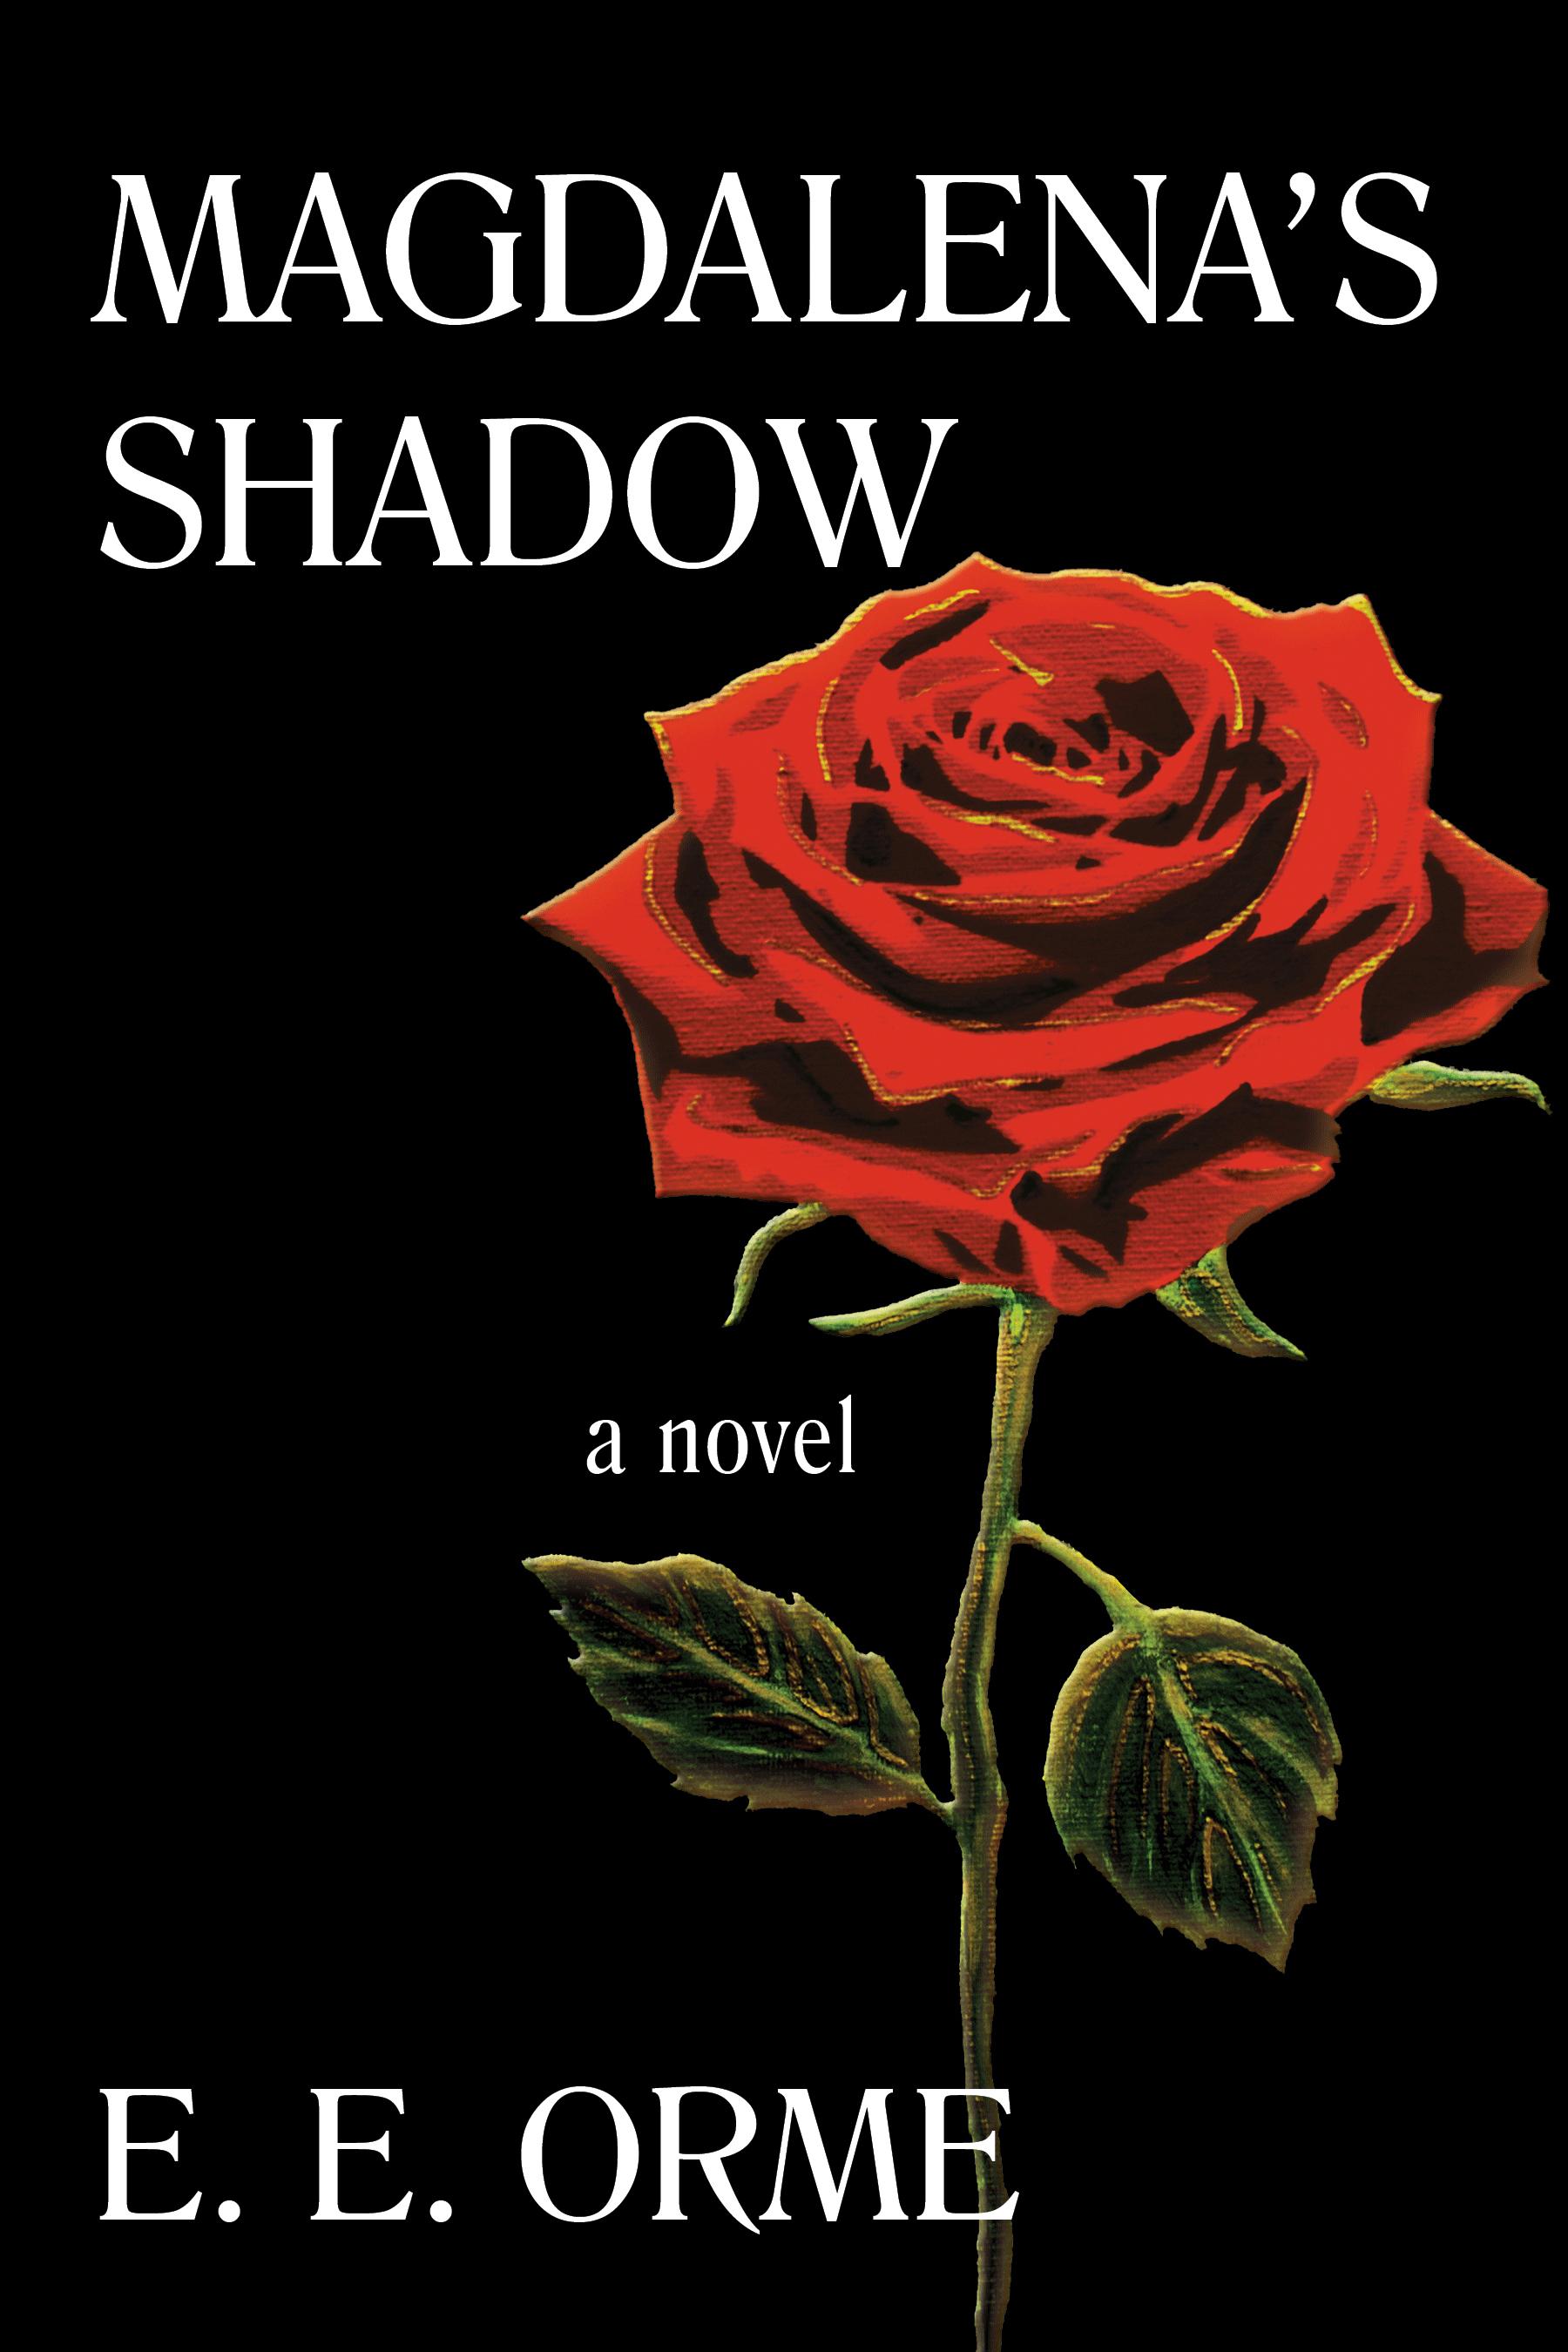 Magdalena's Shadow